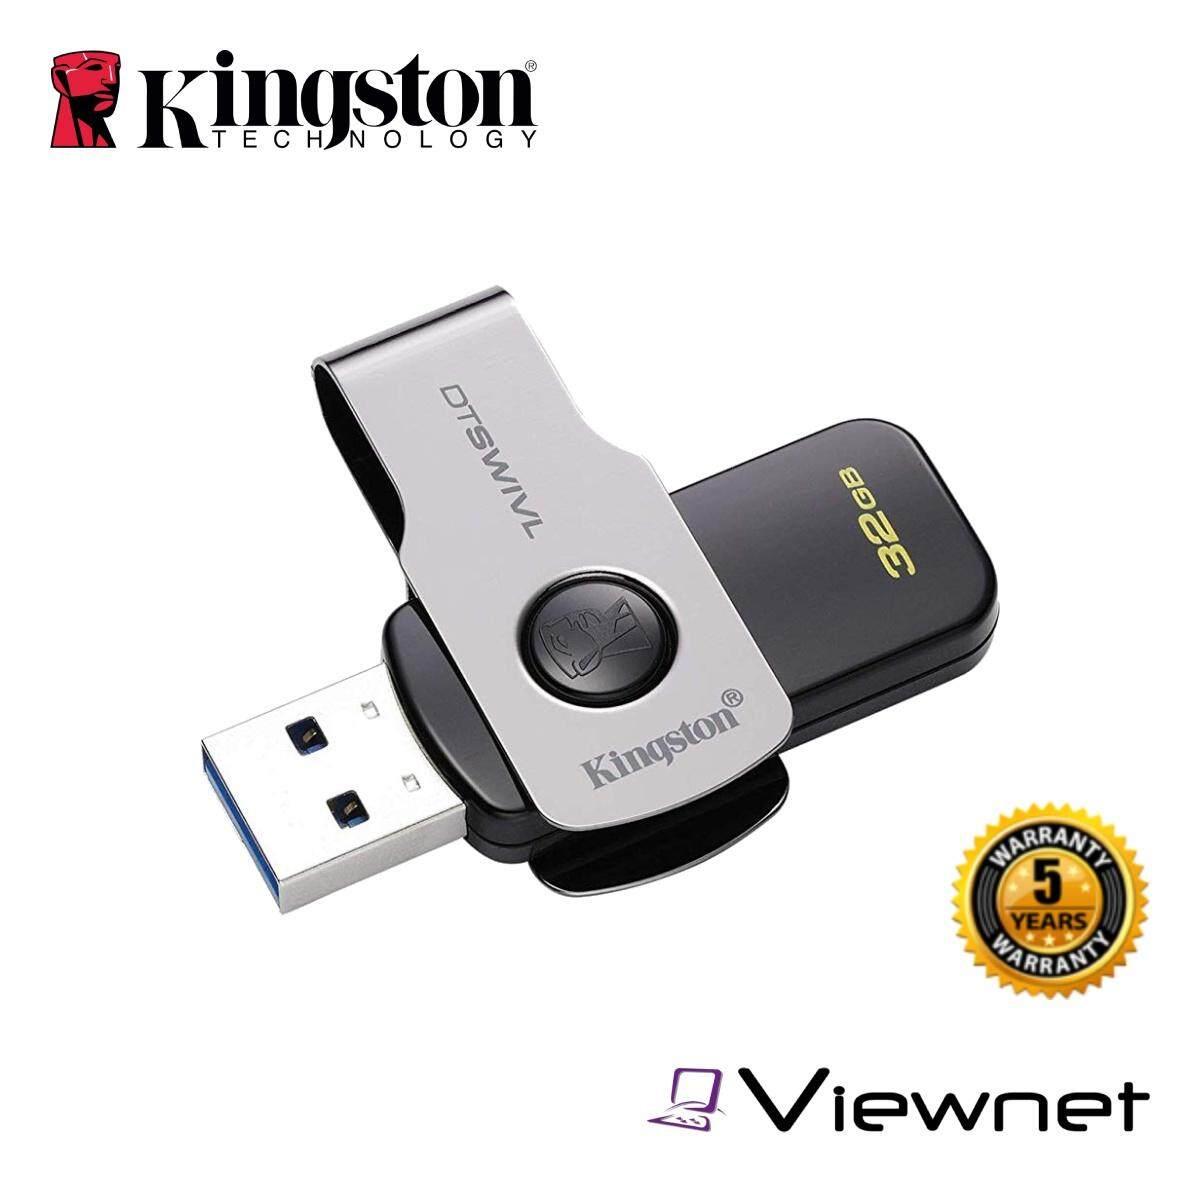 Kingston 16GB/32GB/64GB/128GB DataTraveler Swivl USB 3.1 Gen 1 (USB 3.0) Flash Drive (DTSWIVL) USB 2.0 Compatible Windows & Mac Compatible Five-Year Warranty Portable Capless Swivel Design Pendrive